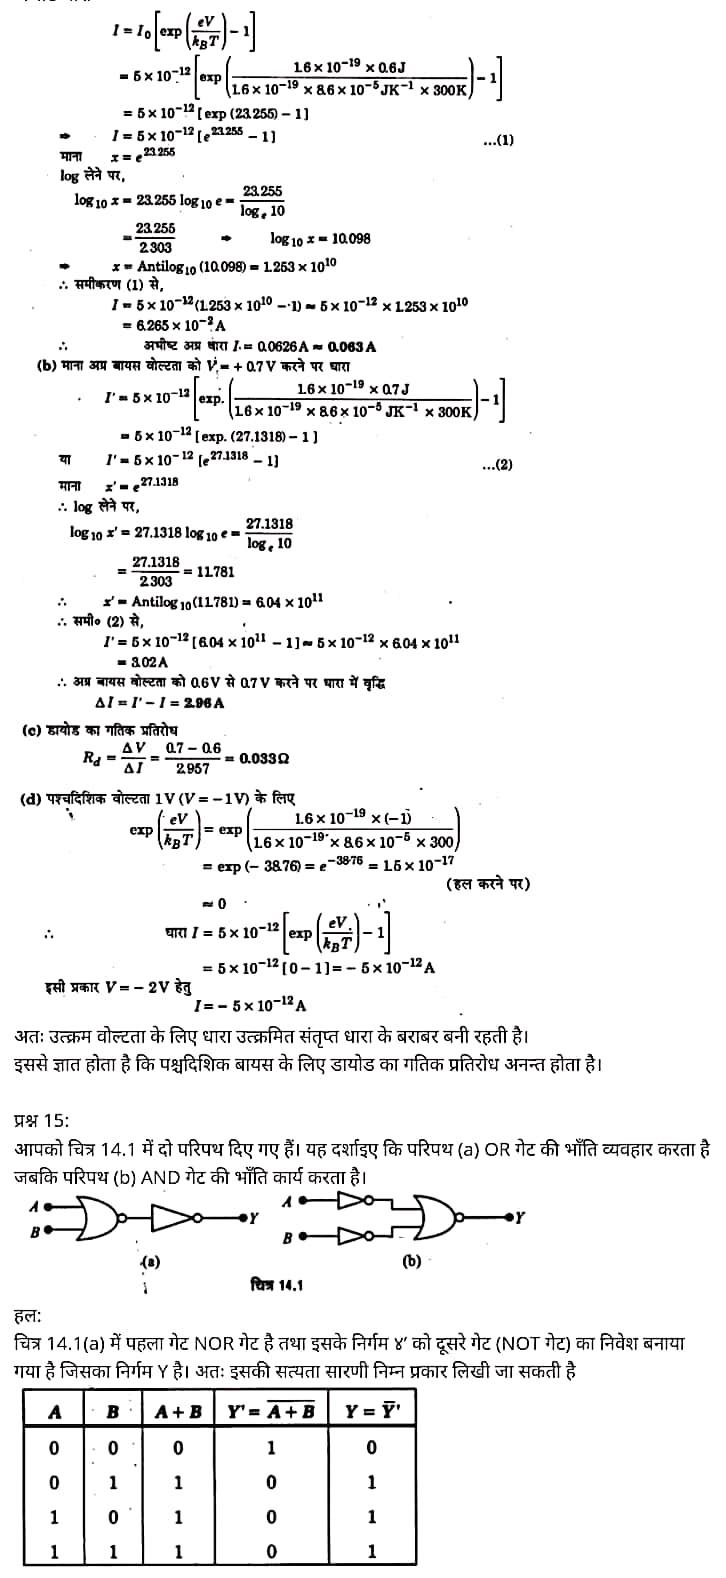 Class 12 Physics Chapter 14, भौतिक विज्ञान कक्षा 12 नोट्स pdf,  भौतिक विज्ञान कक्षा 12 नोट्स 2021 NCERT,  भौतिक विज्ञान कक्षा 12 PDF,  भौतिक विज्ञान पुस्तक,  भौतिक विज्ञान की बुक,  भौतिक विज्ञान प्रश्नोत्तरी Class 12, 12 वीं भौतिक विज्ञान पुस्तक up board,  बिहार बोर्ड 12 वीं भौतिक विज्ञान नोट्स,   12th Physics book in hindi,12th Physics notes in hindi,cbse books for class 12,cbse books in hindi,cbse ncert books,class 12 Physics notes in hindi,class 12 hindi ncert solutions,Physics 2020,Physics 2021,Maths 2022,Physics book class 12,Physics book in hindi,Physics class 12 in hindi,Physics notes for class 12 up board in hindi,ncert all books,ncert app in hindi,ncert book solution,ncert books class 10,ncert books class 12,ncert books for class 7,ncert books for upsc in hindi,ncert books in hindi class 10,ncert books in hindi for class 12 Physics,ncert books in hindi for class 6,ncert books in hindi pdf,ncert class 12 hindi book,ncert english book,ncert Physics book in hindi,ncert Physics books in hindi pdf,ncert Physics class 12,ncert in hindi,old ncert books in hindi,online ncert books in hindi,up board 12th,up board 12th syllabus,up board class 10 hindi book,up board class 12 books,up board class 12 new syllabus,up Board Maths 2020,up Board Maths 2021,up Board Maths 2022,up Board Maths 2023,up board intermediate Physics syllabus,up board intermediate syllabus 2021,Up board Master 2021,up board model paper 2021,up board model paper all subject,up board new syllabus of class 12th Physics,up board paper 2021,Up board syllabus 2021,UP board syllabus 2022,  12 वीं भौतिक विज्ञान पुस्तक हिंदी में, 12 वीं भौतिक विज्ञान नोट्स हिंदी में, कक्षा 12 के लिए सीबीएससी पुस्तकें, हिंदी में सीबीएससी पुस्तकें, सीबीएससी  पुस्तकें, कक्षा 12 भौतिक विज्ञान नोट्स हिंदी में, कक्षा 12 हिंदी एनसीईआरटी समाधान, भौतिक विज्ञान 2020, भौतिक विज्ञान 2021, भौतिक विज्ञान 2022, भौतिक विज्ञान  बुक क्लास 12, भौतिक विज्ञान बुक इन हिंदी, बायोलॉजी क्लास 12 हिंदी में, भौतिक विज्ञान नोट्स इन क्लास 12 यूपी  बोर्ड 